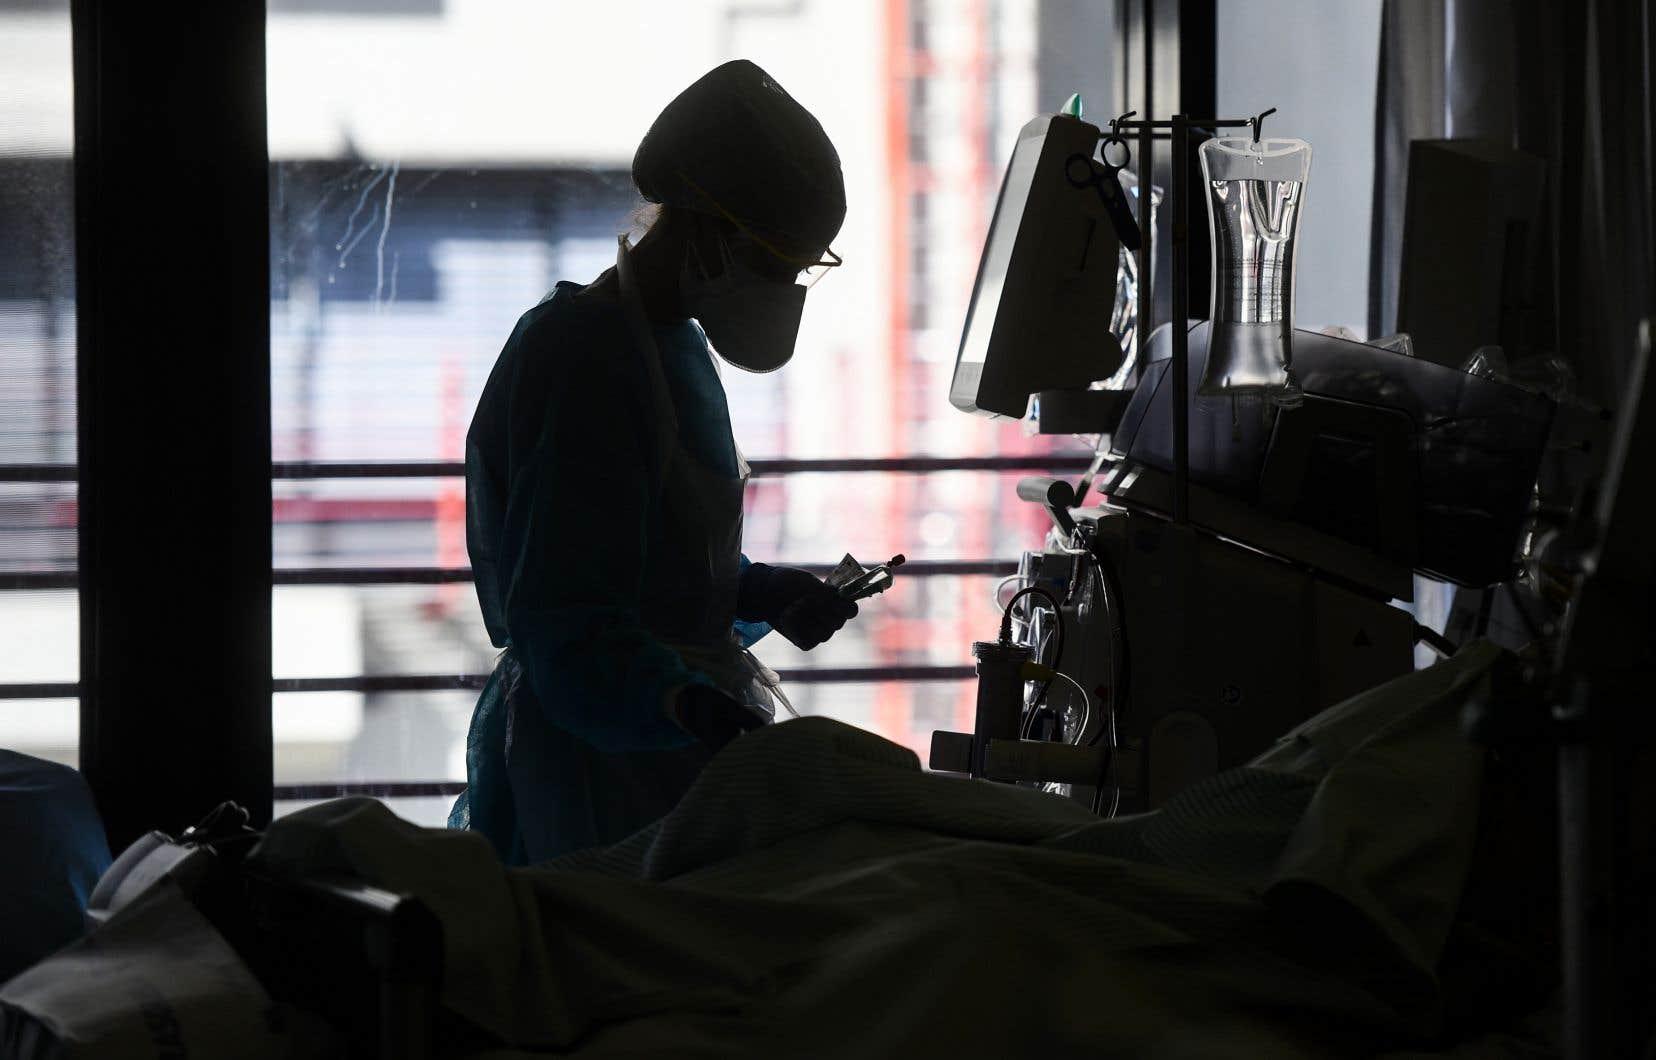 Certaines infirmières, infirmières auxiliaires et préposées ont levé la main pour être réaffectées à d'autres tâches, mais beaucoup sont toujours à la maison.